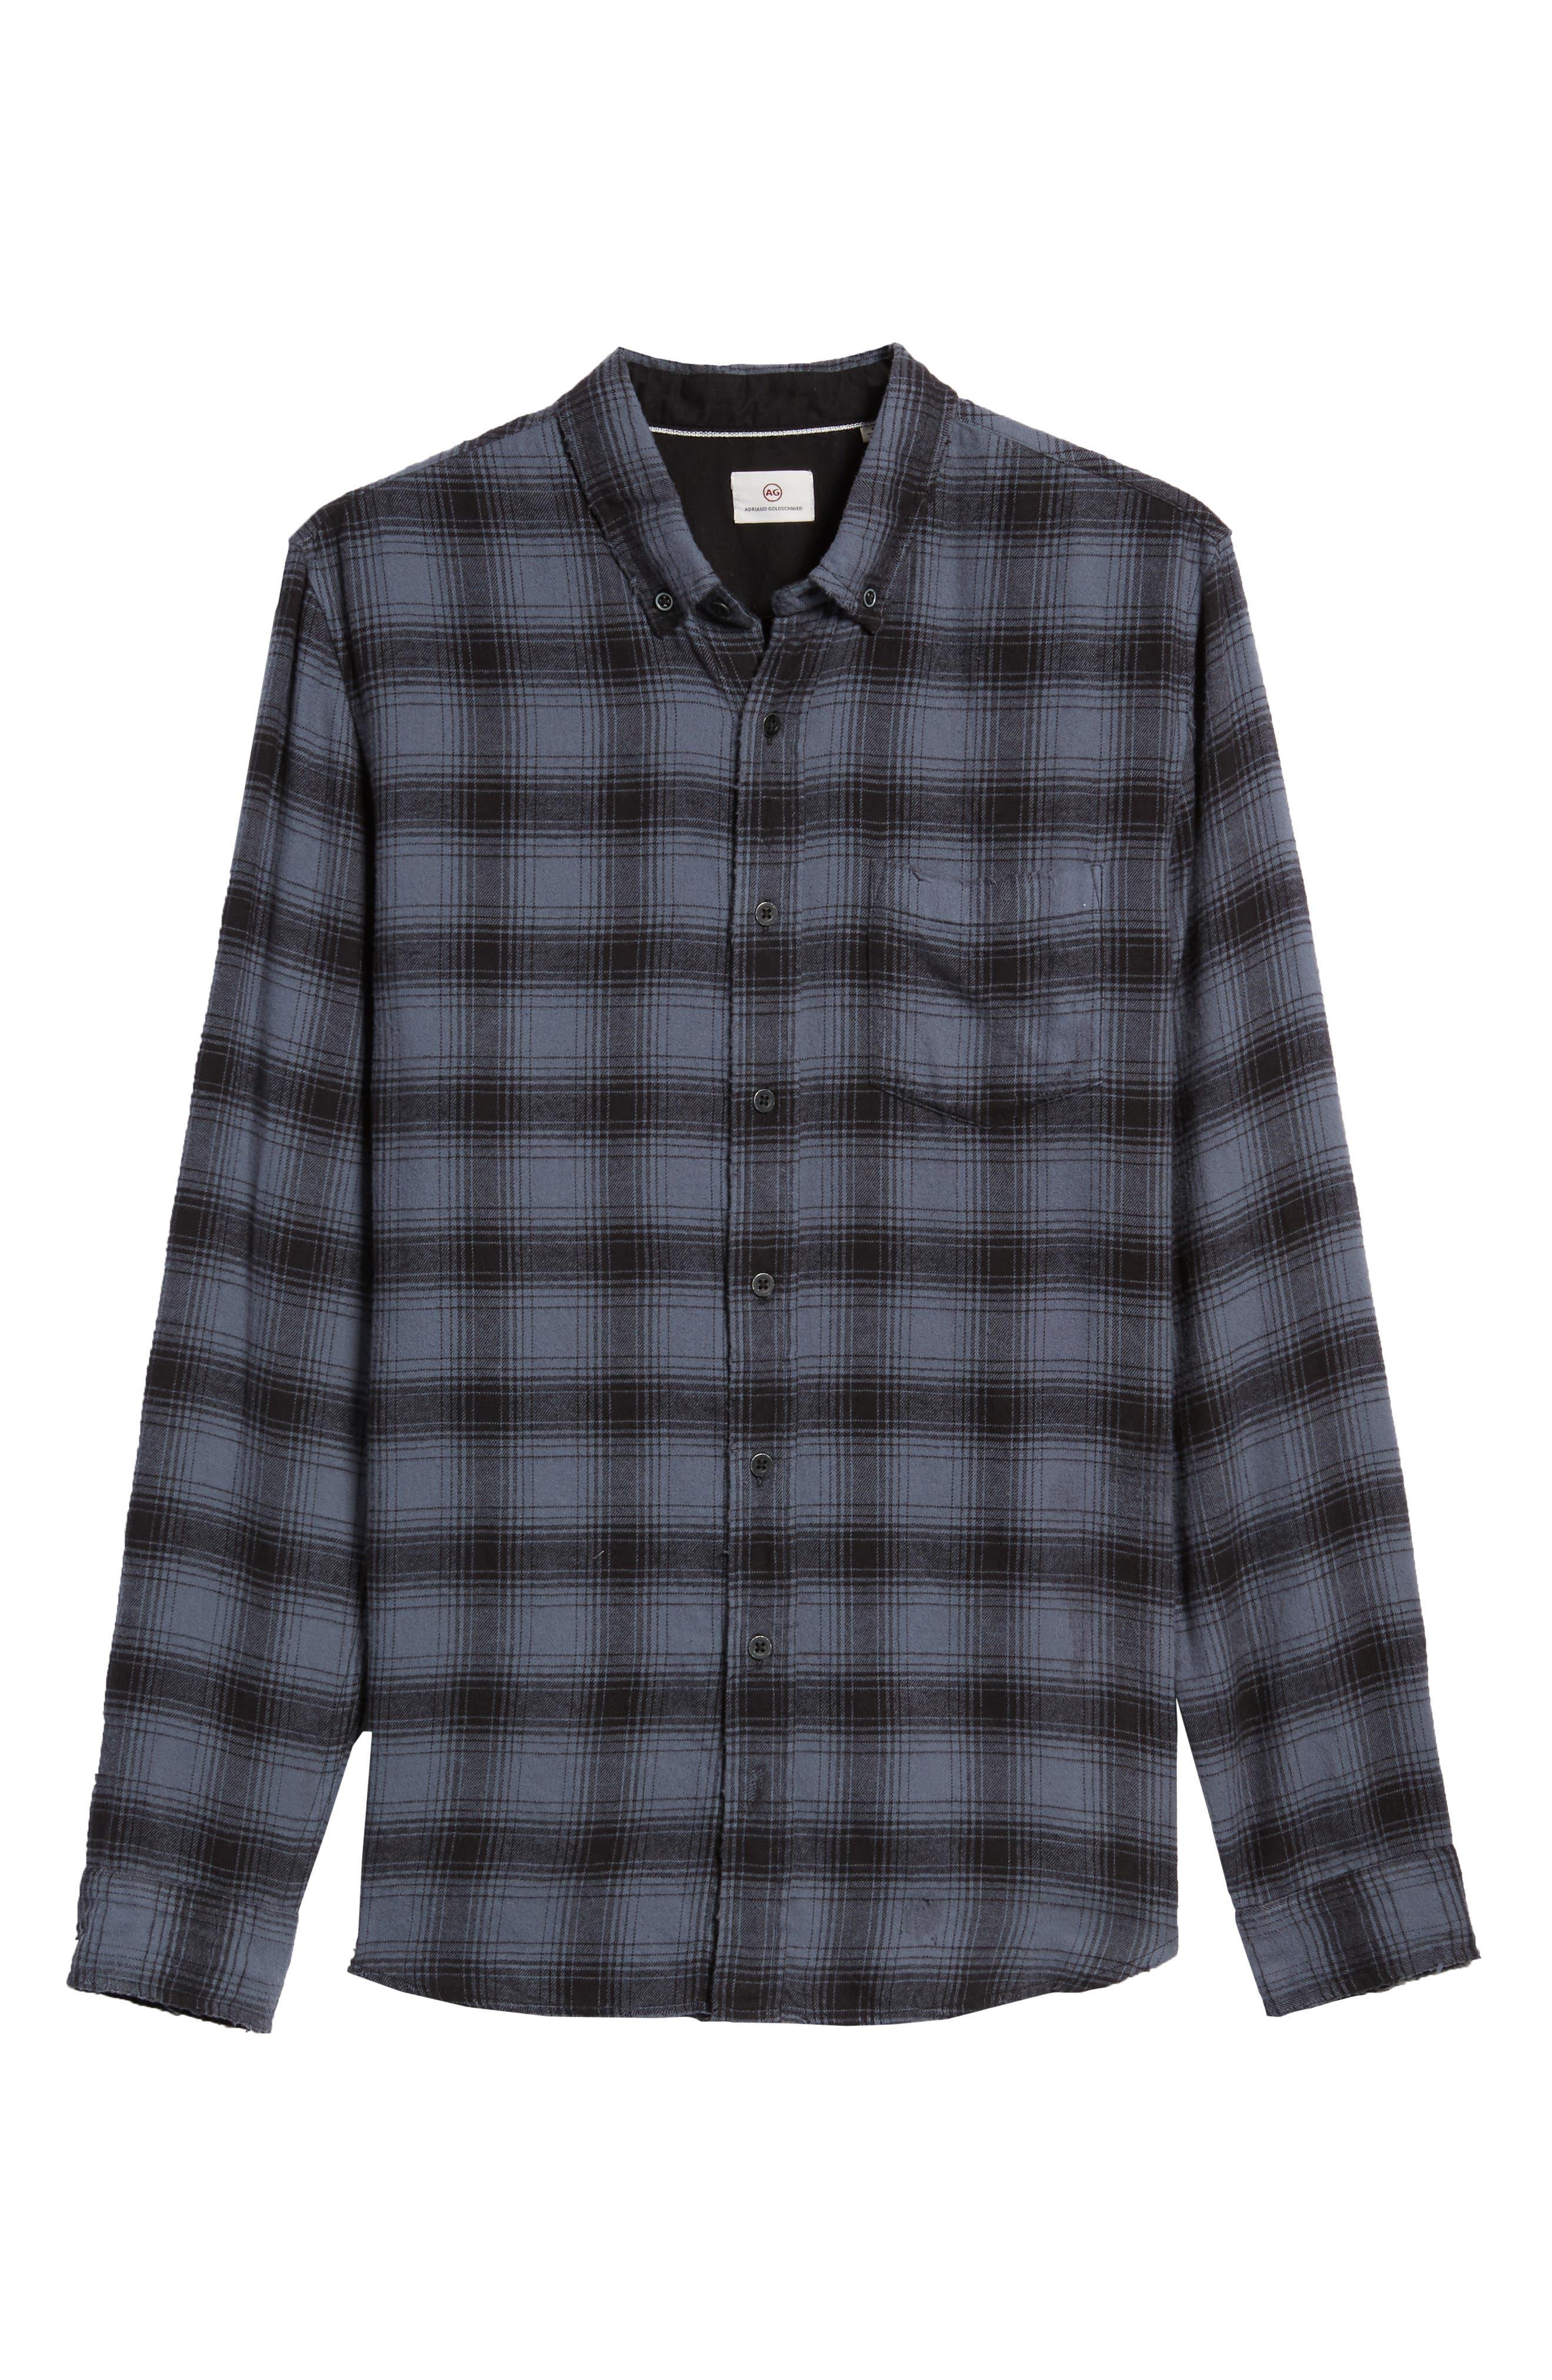 Grady Plaid Flannel Sport Shirt,                             Alternate thumbnail 6, color,                             008